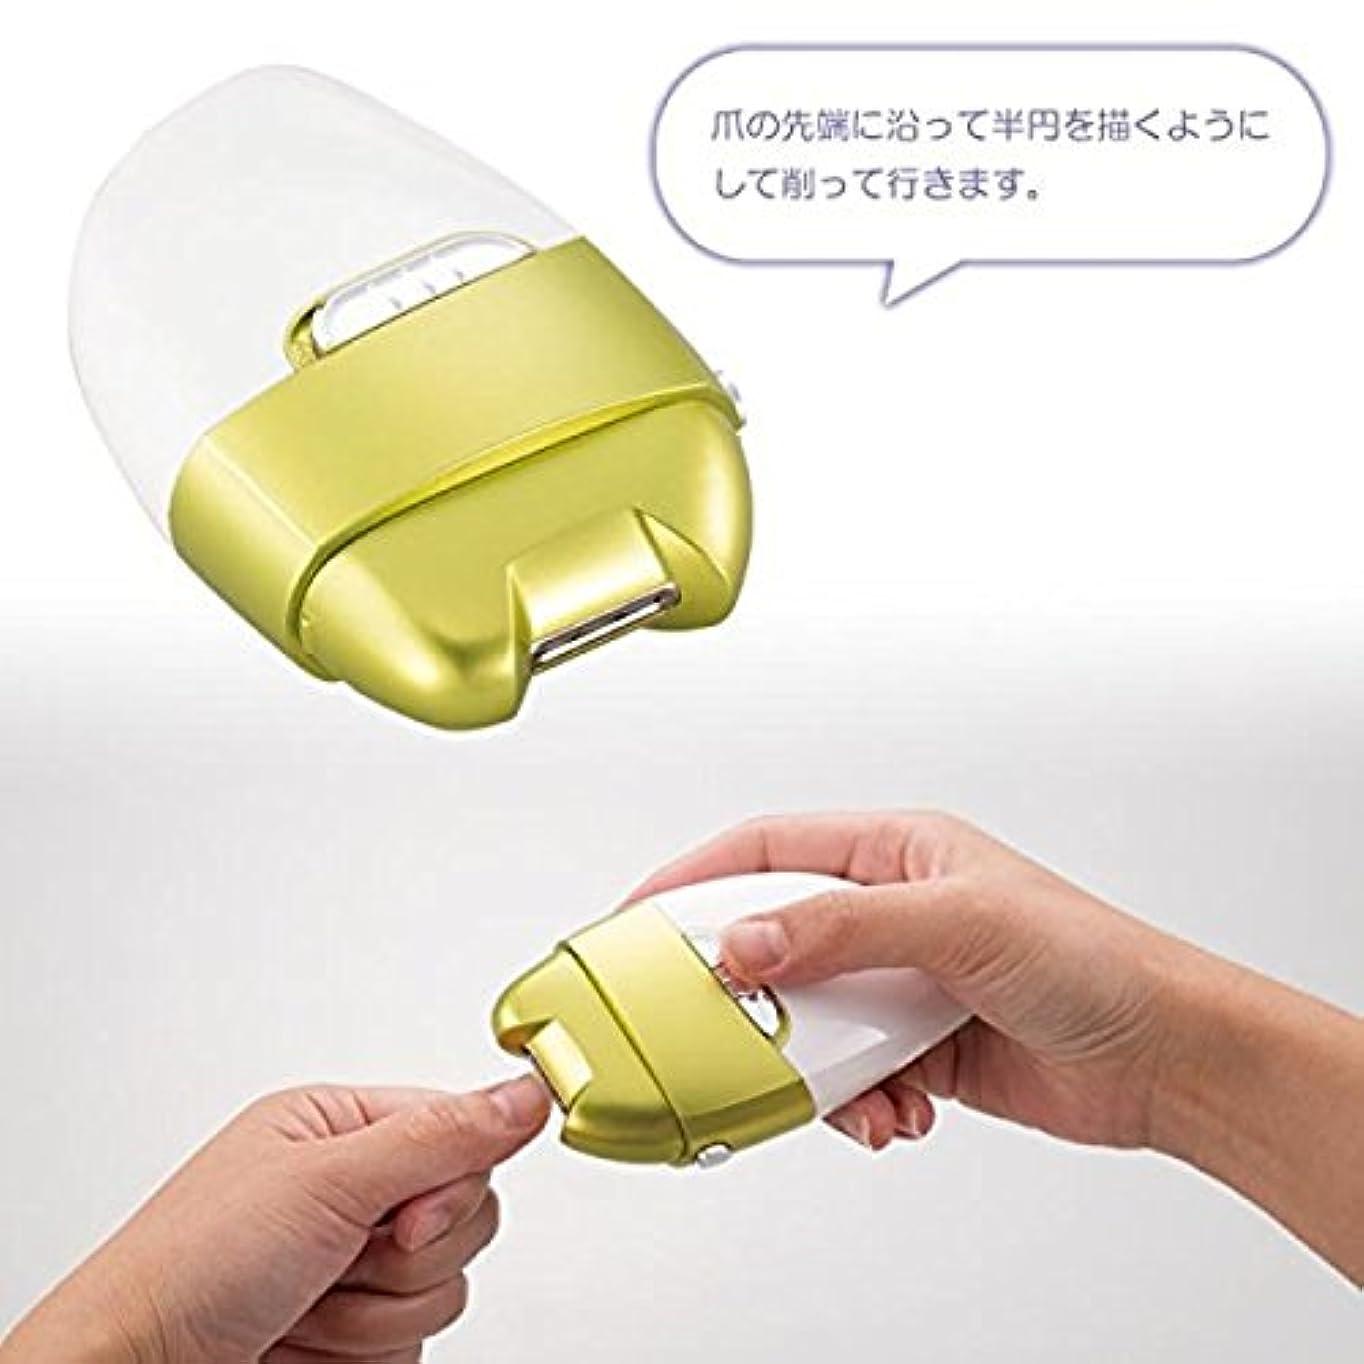 アーサーコナンドイル魅力的であることへのアピール粘着性電動爪削り Leaf dS-1651428